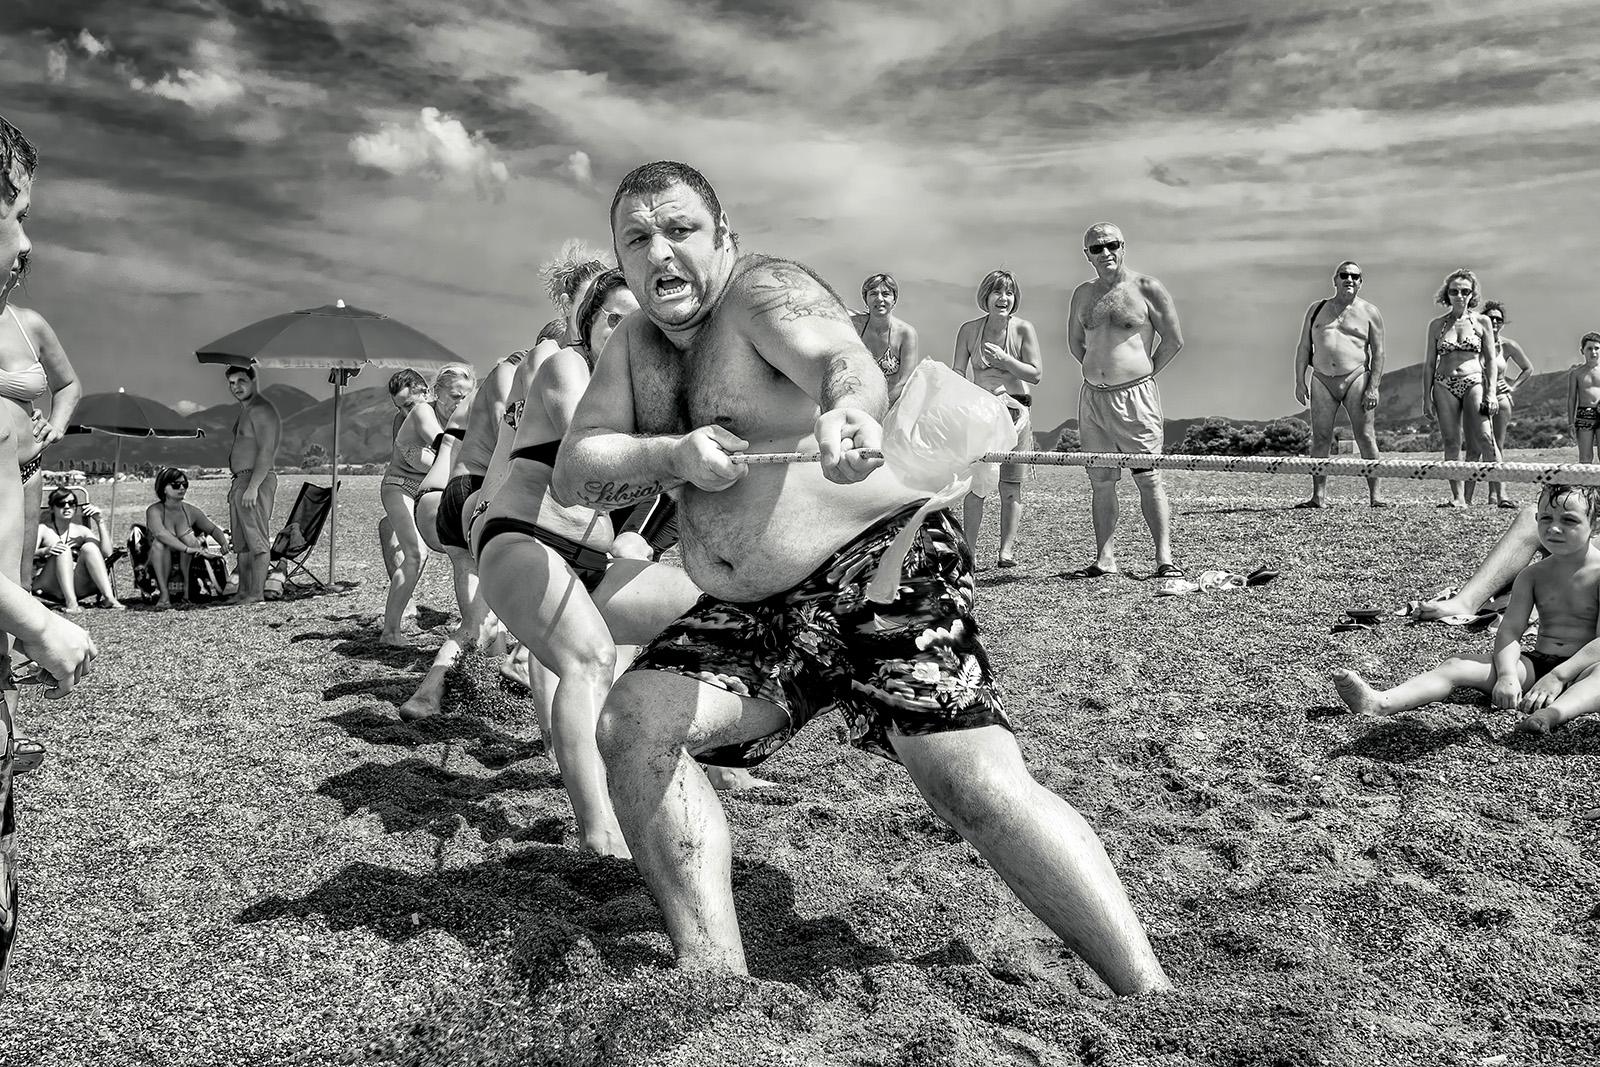 Beach games...